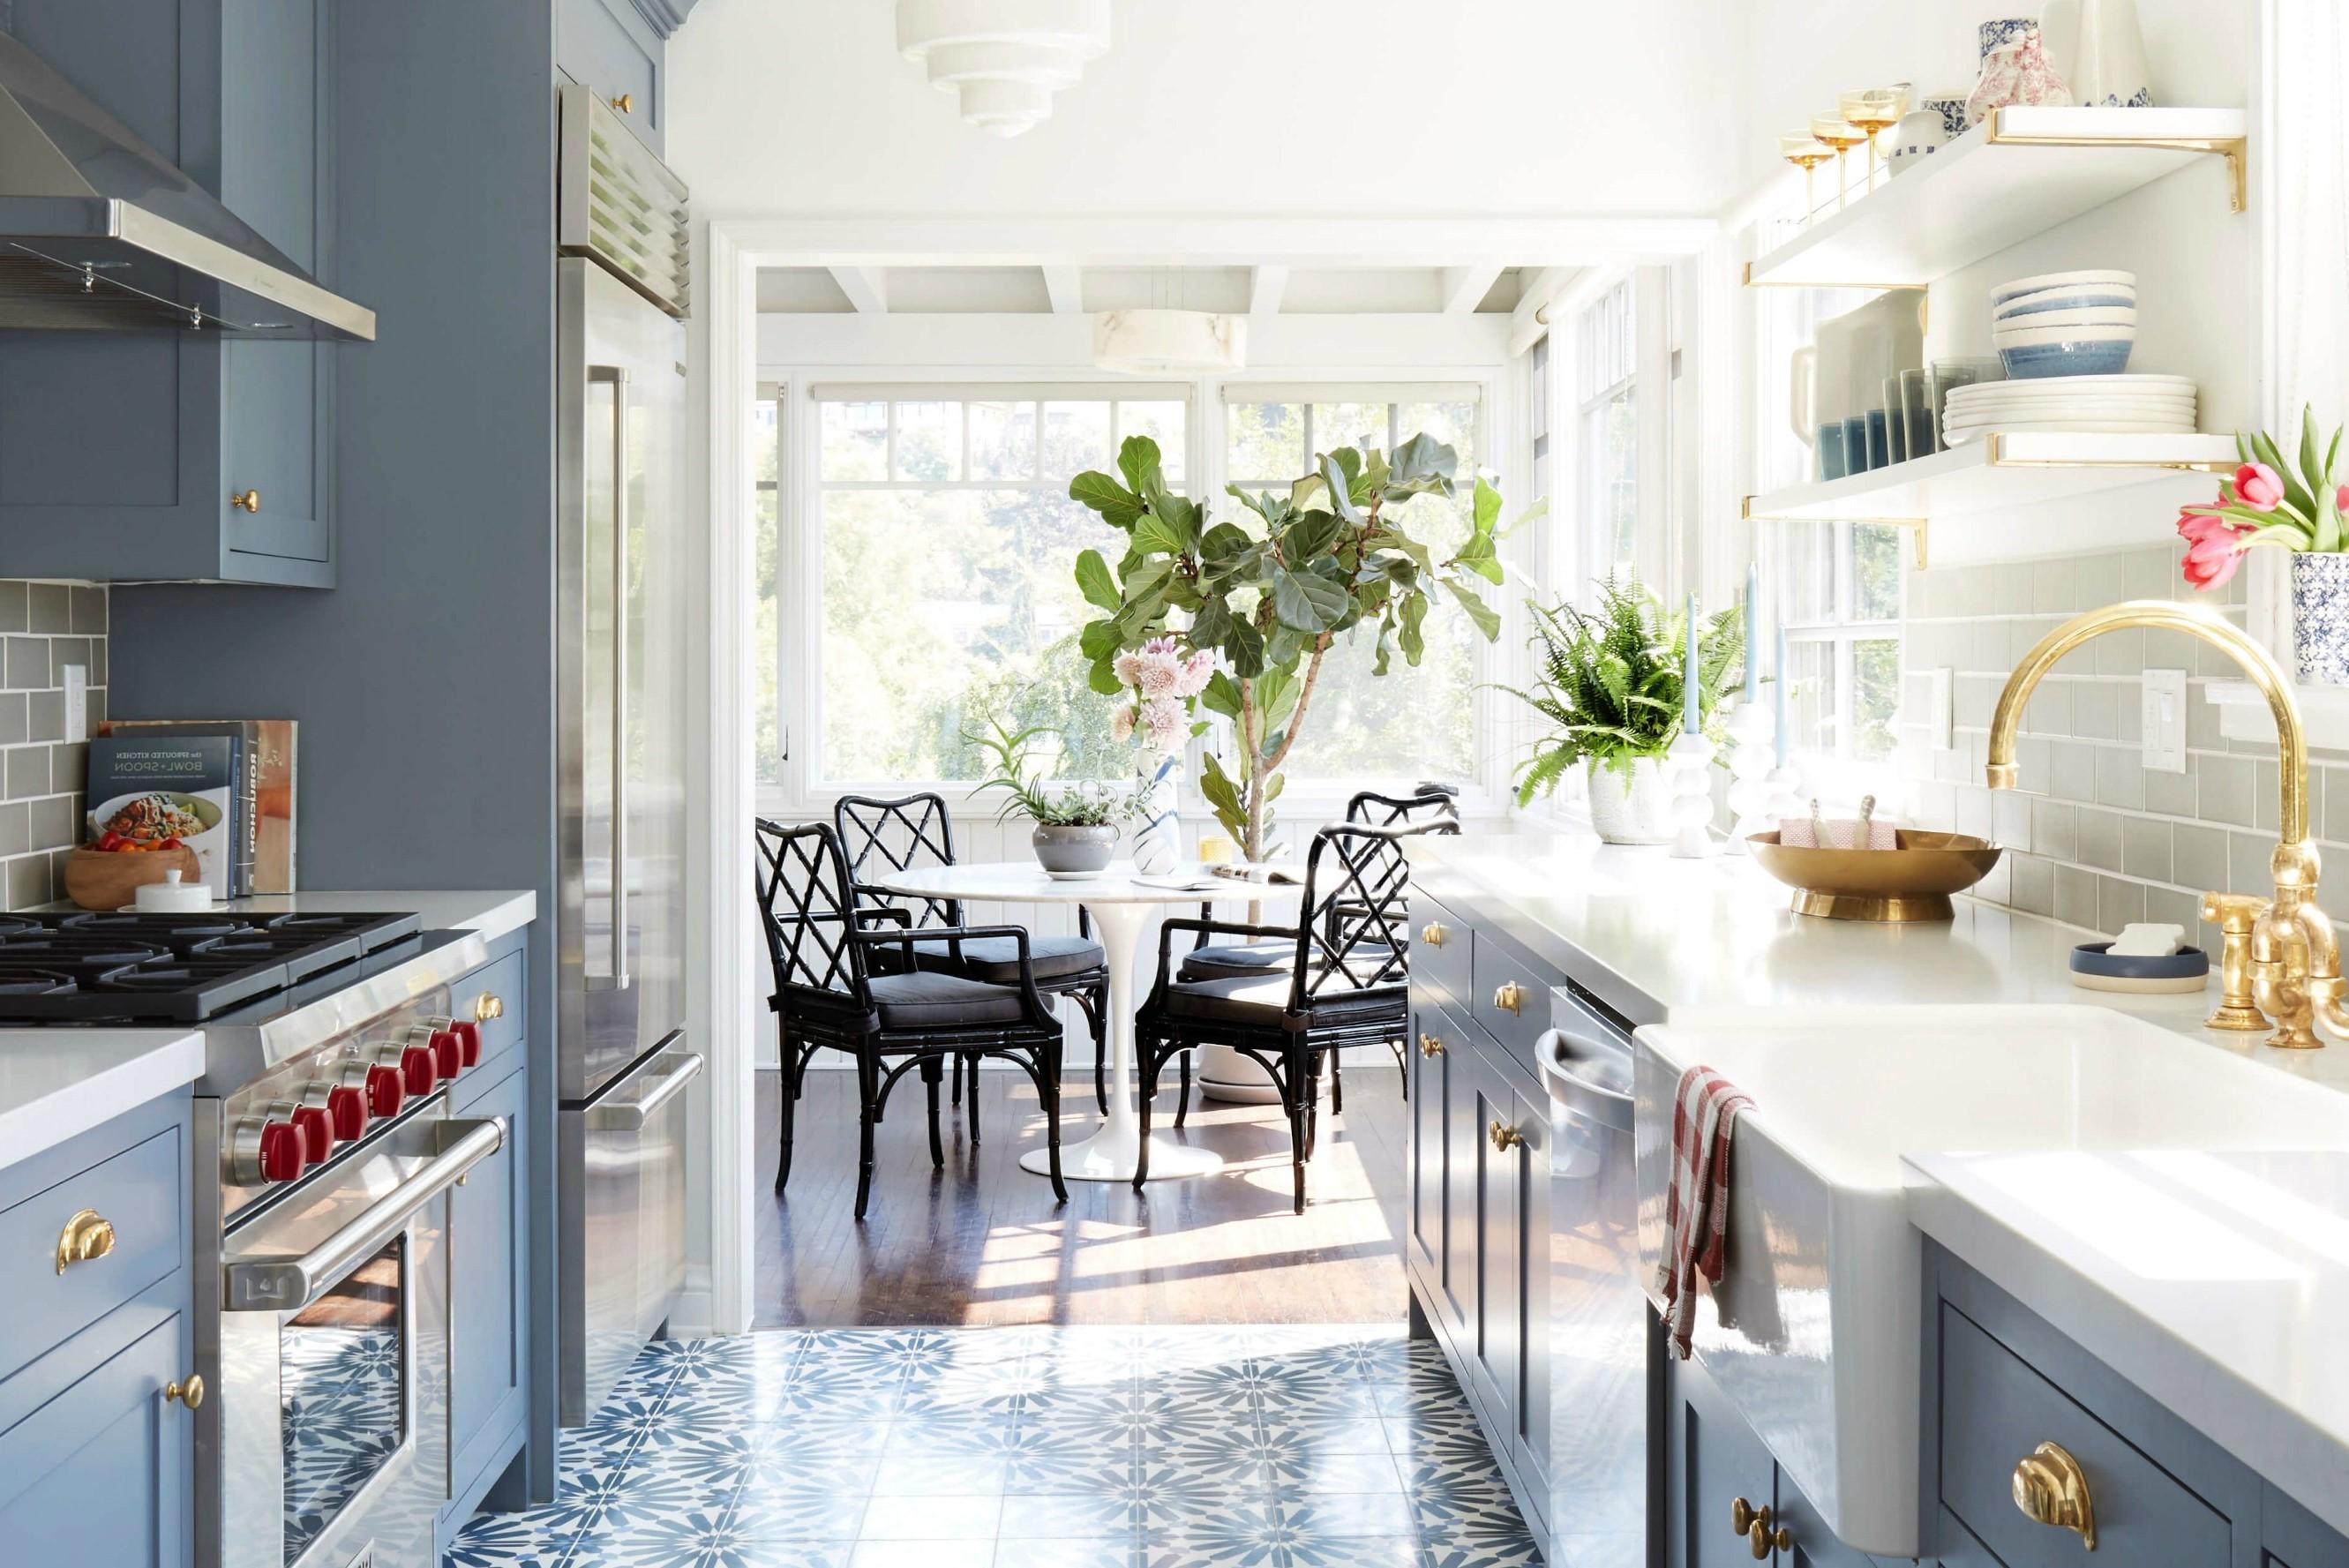 Si vous avez souvent des invités, une cuisine semi-ouverte sur séjour est une merveilleuse disposition pour engager vos invités pendant que vous préparez vos repas.